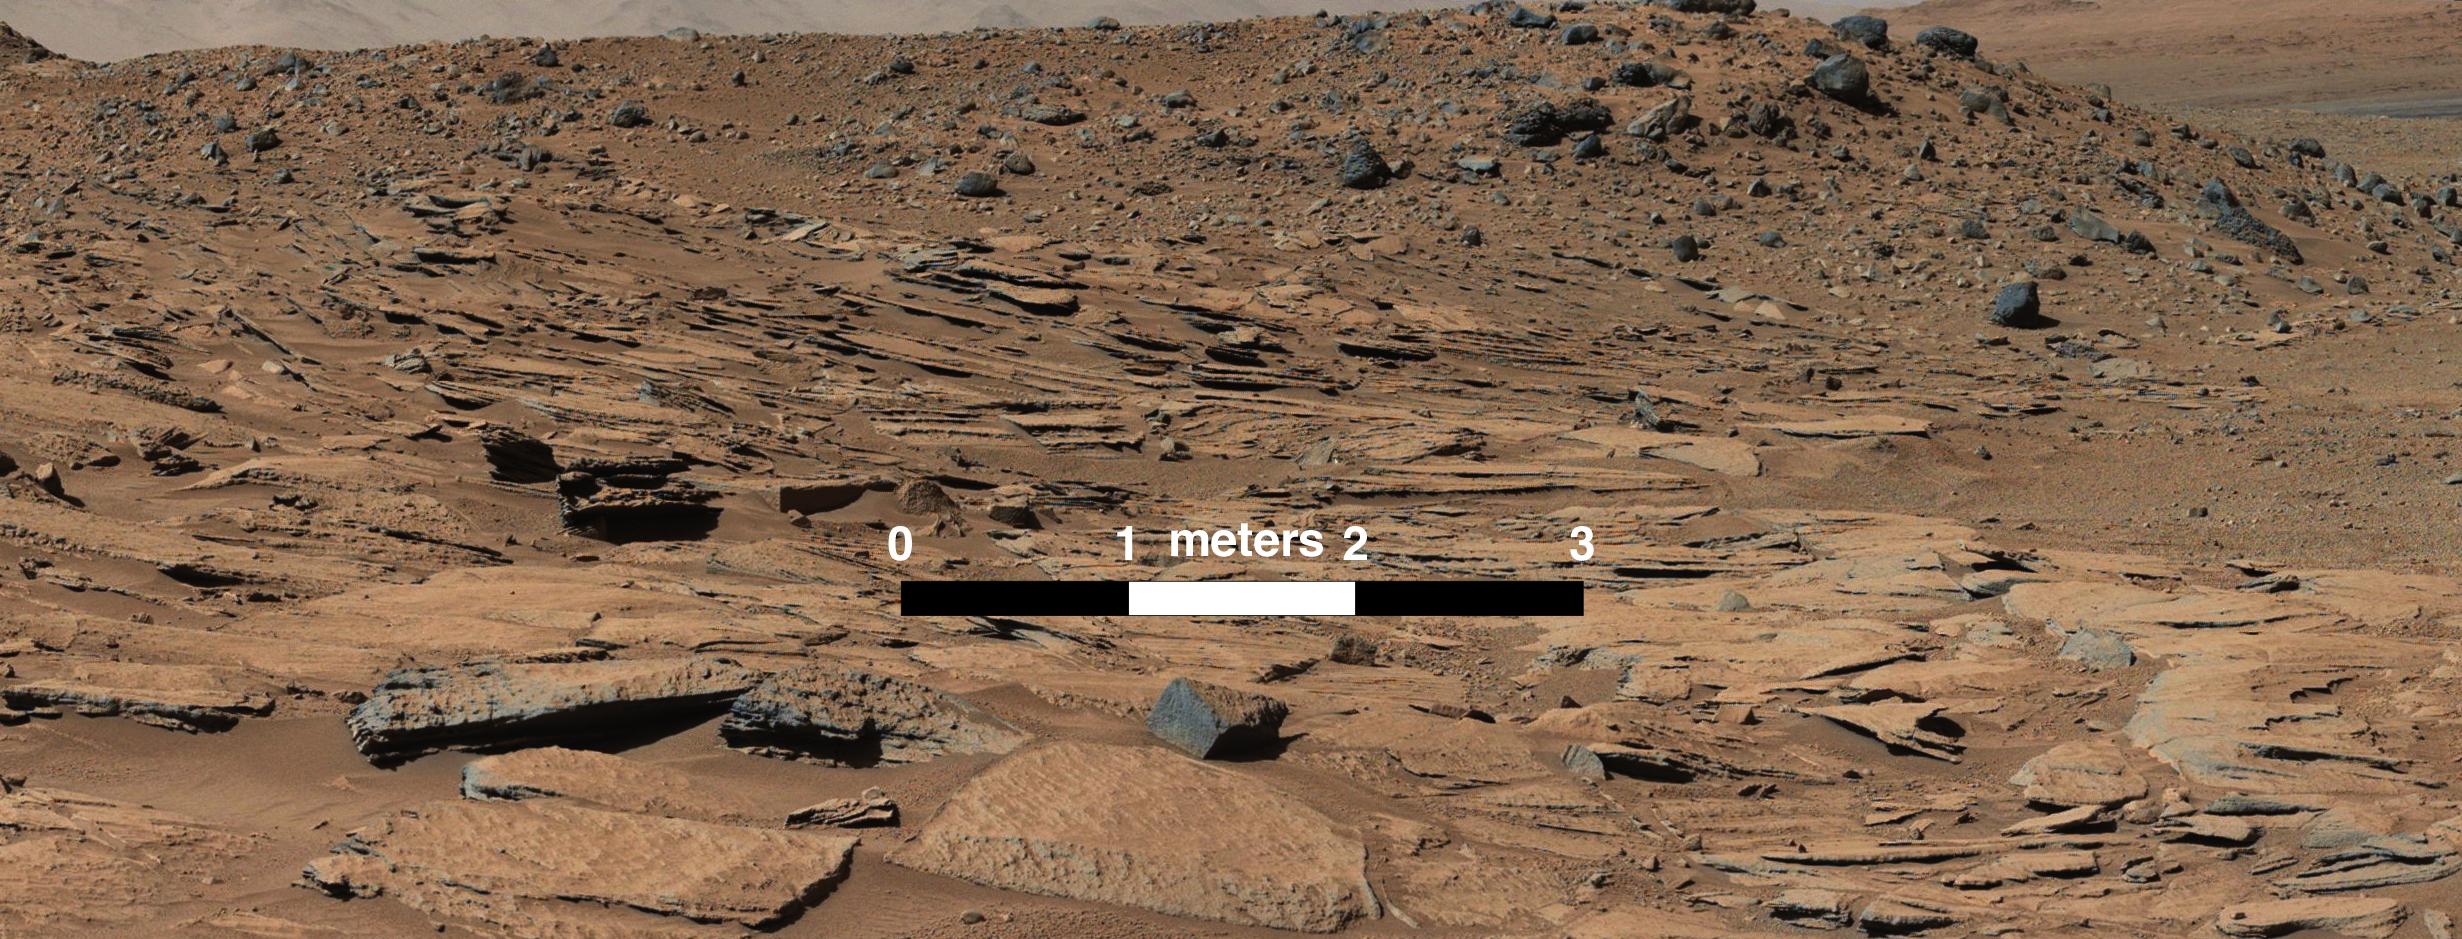 jpl mars rover curiosity - photo #11